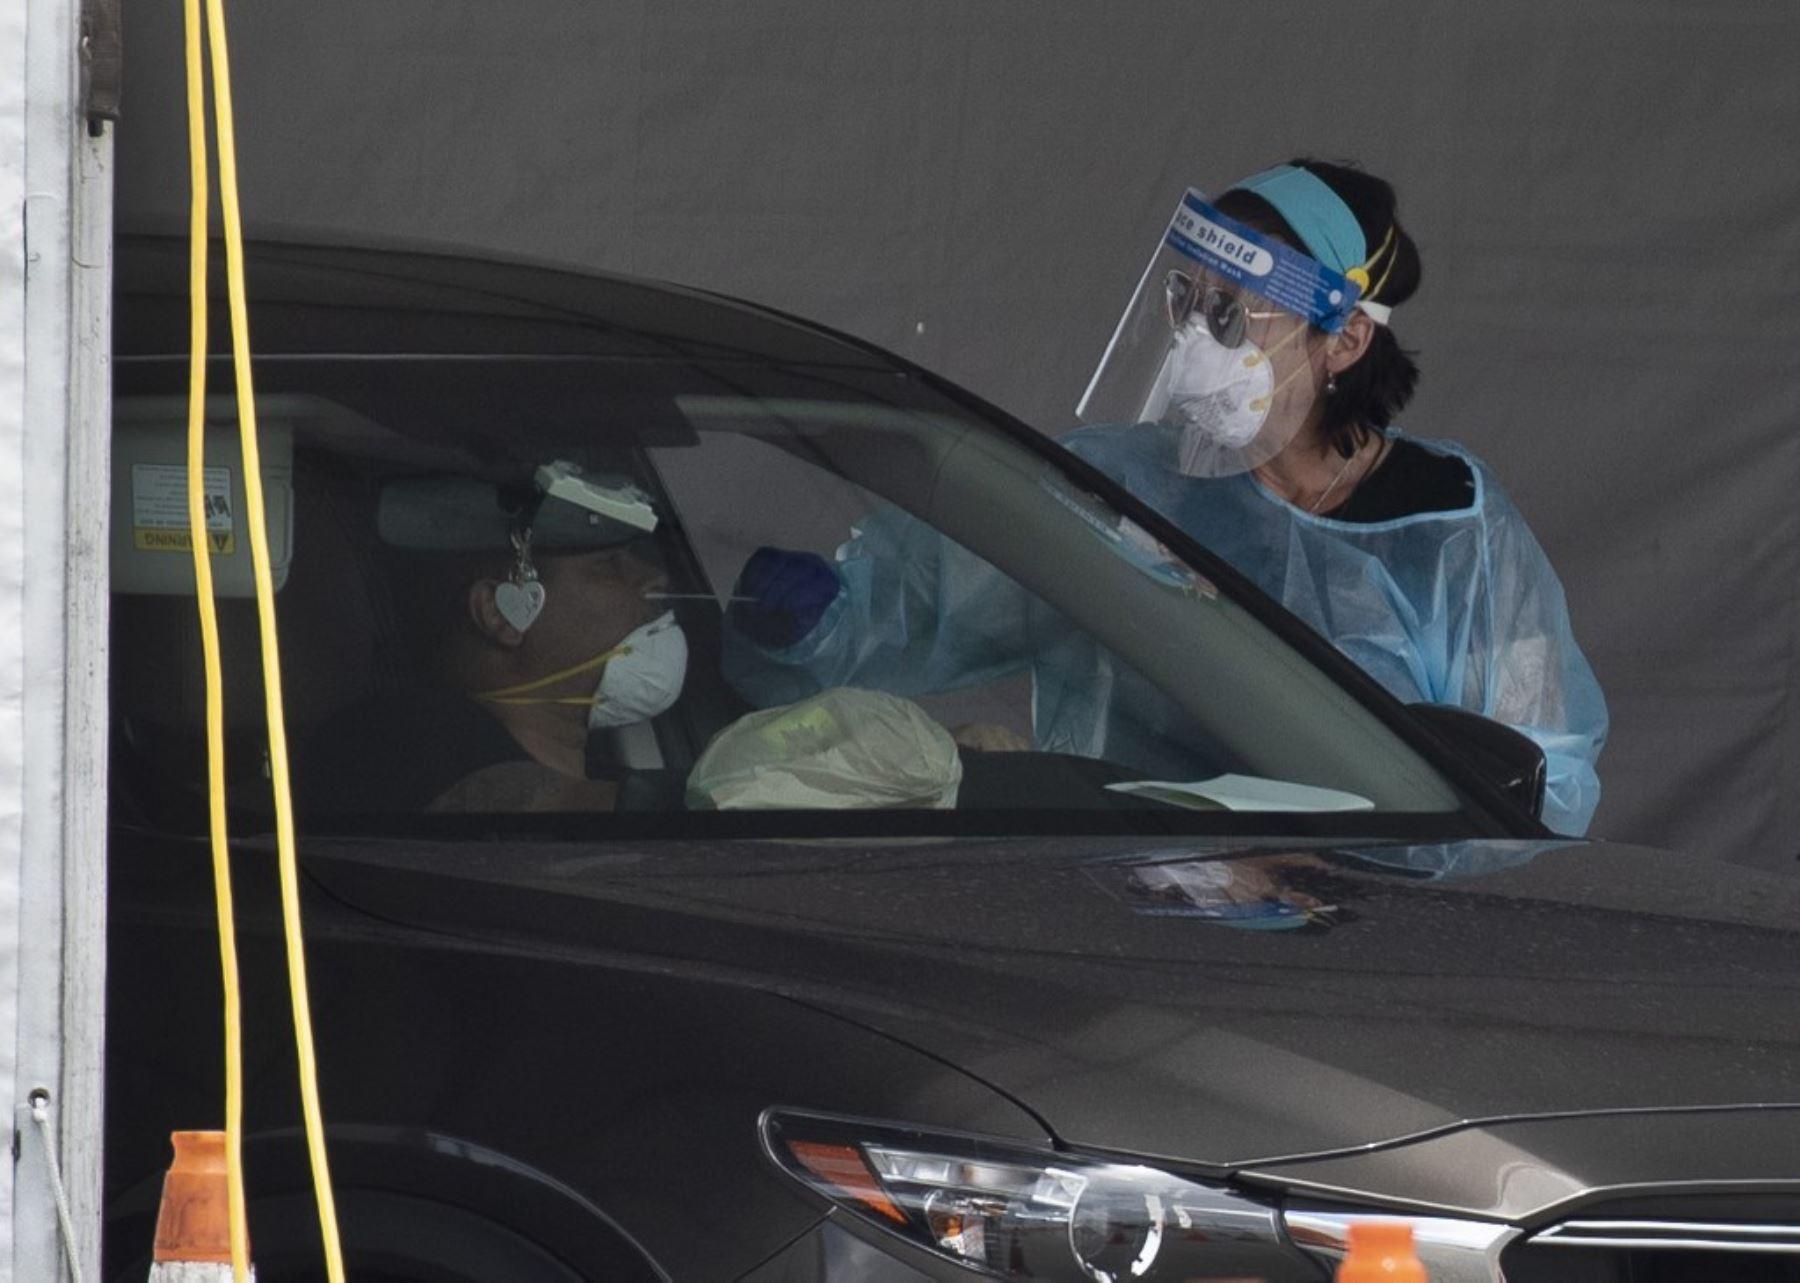 Un trabajador de salud examina a una persona por covid-19 en el sitio de prueba covid ubicado en el estacionamiento del Hard Rock Stadium en Miami. Foto: AFP